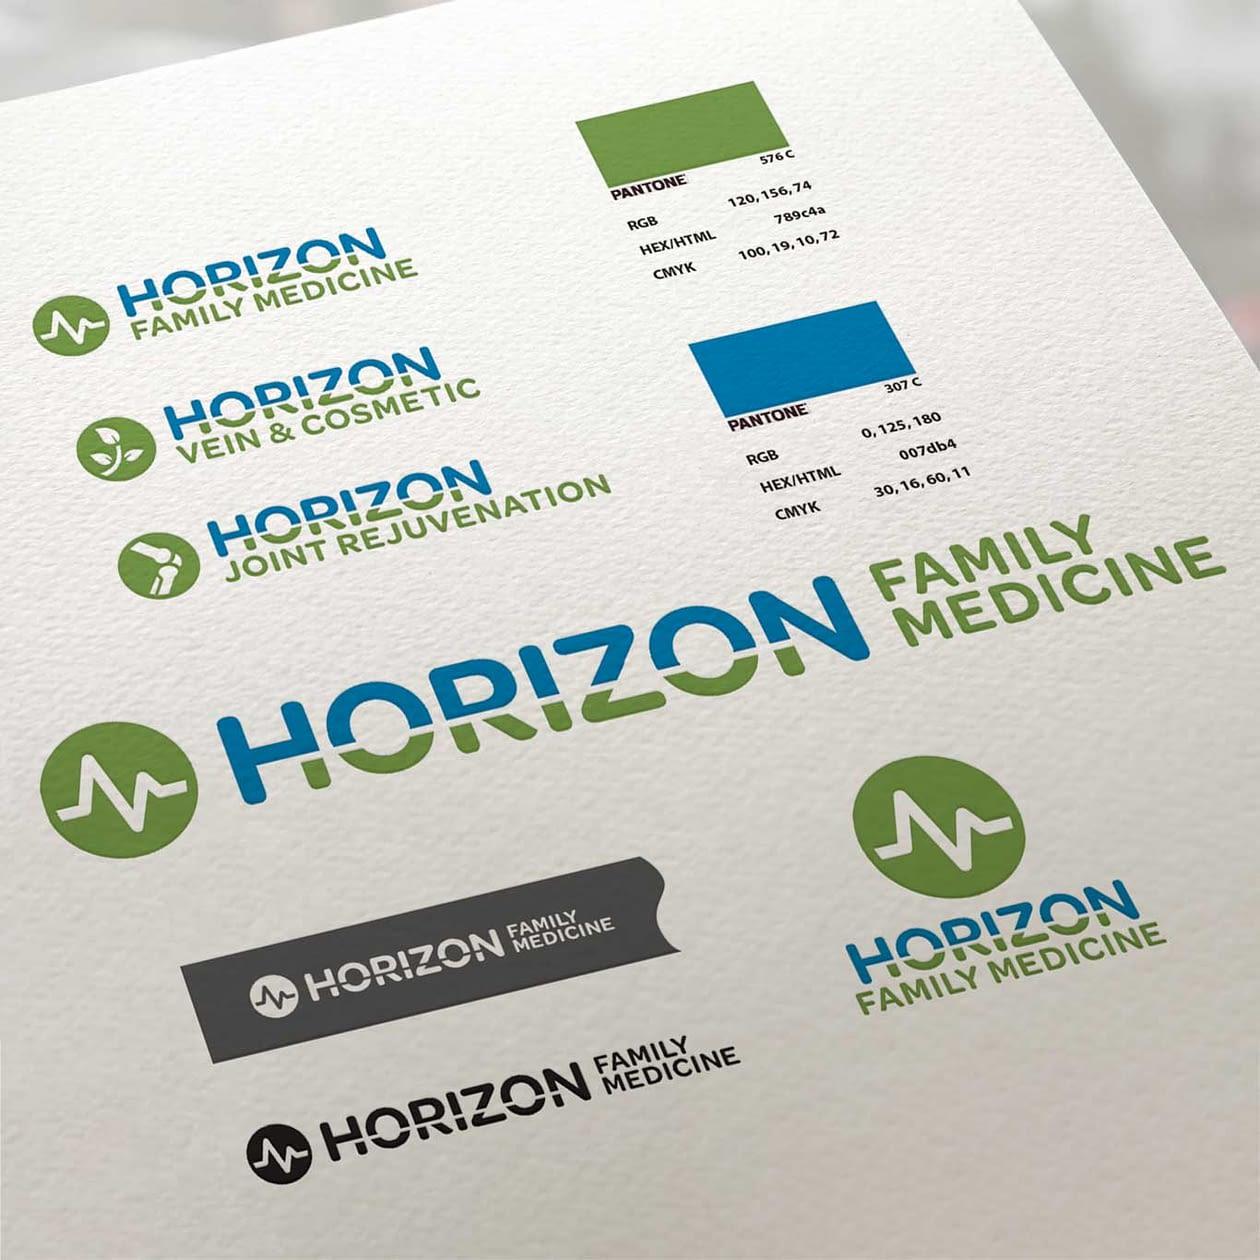 Horizon Family Medicine Identity Sheet